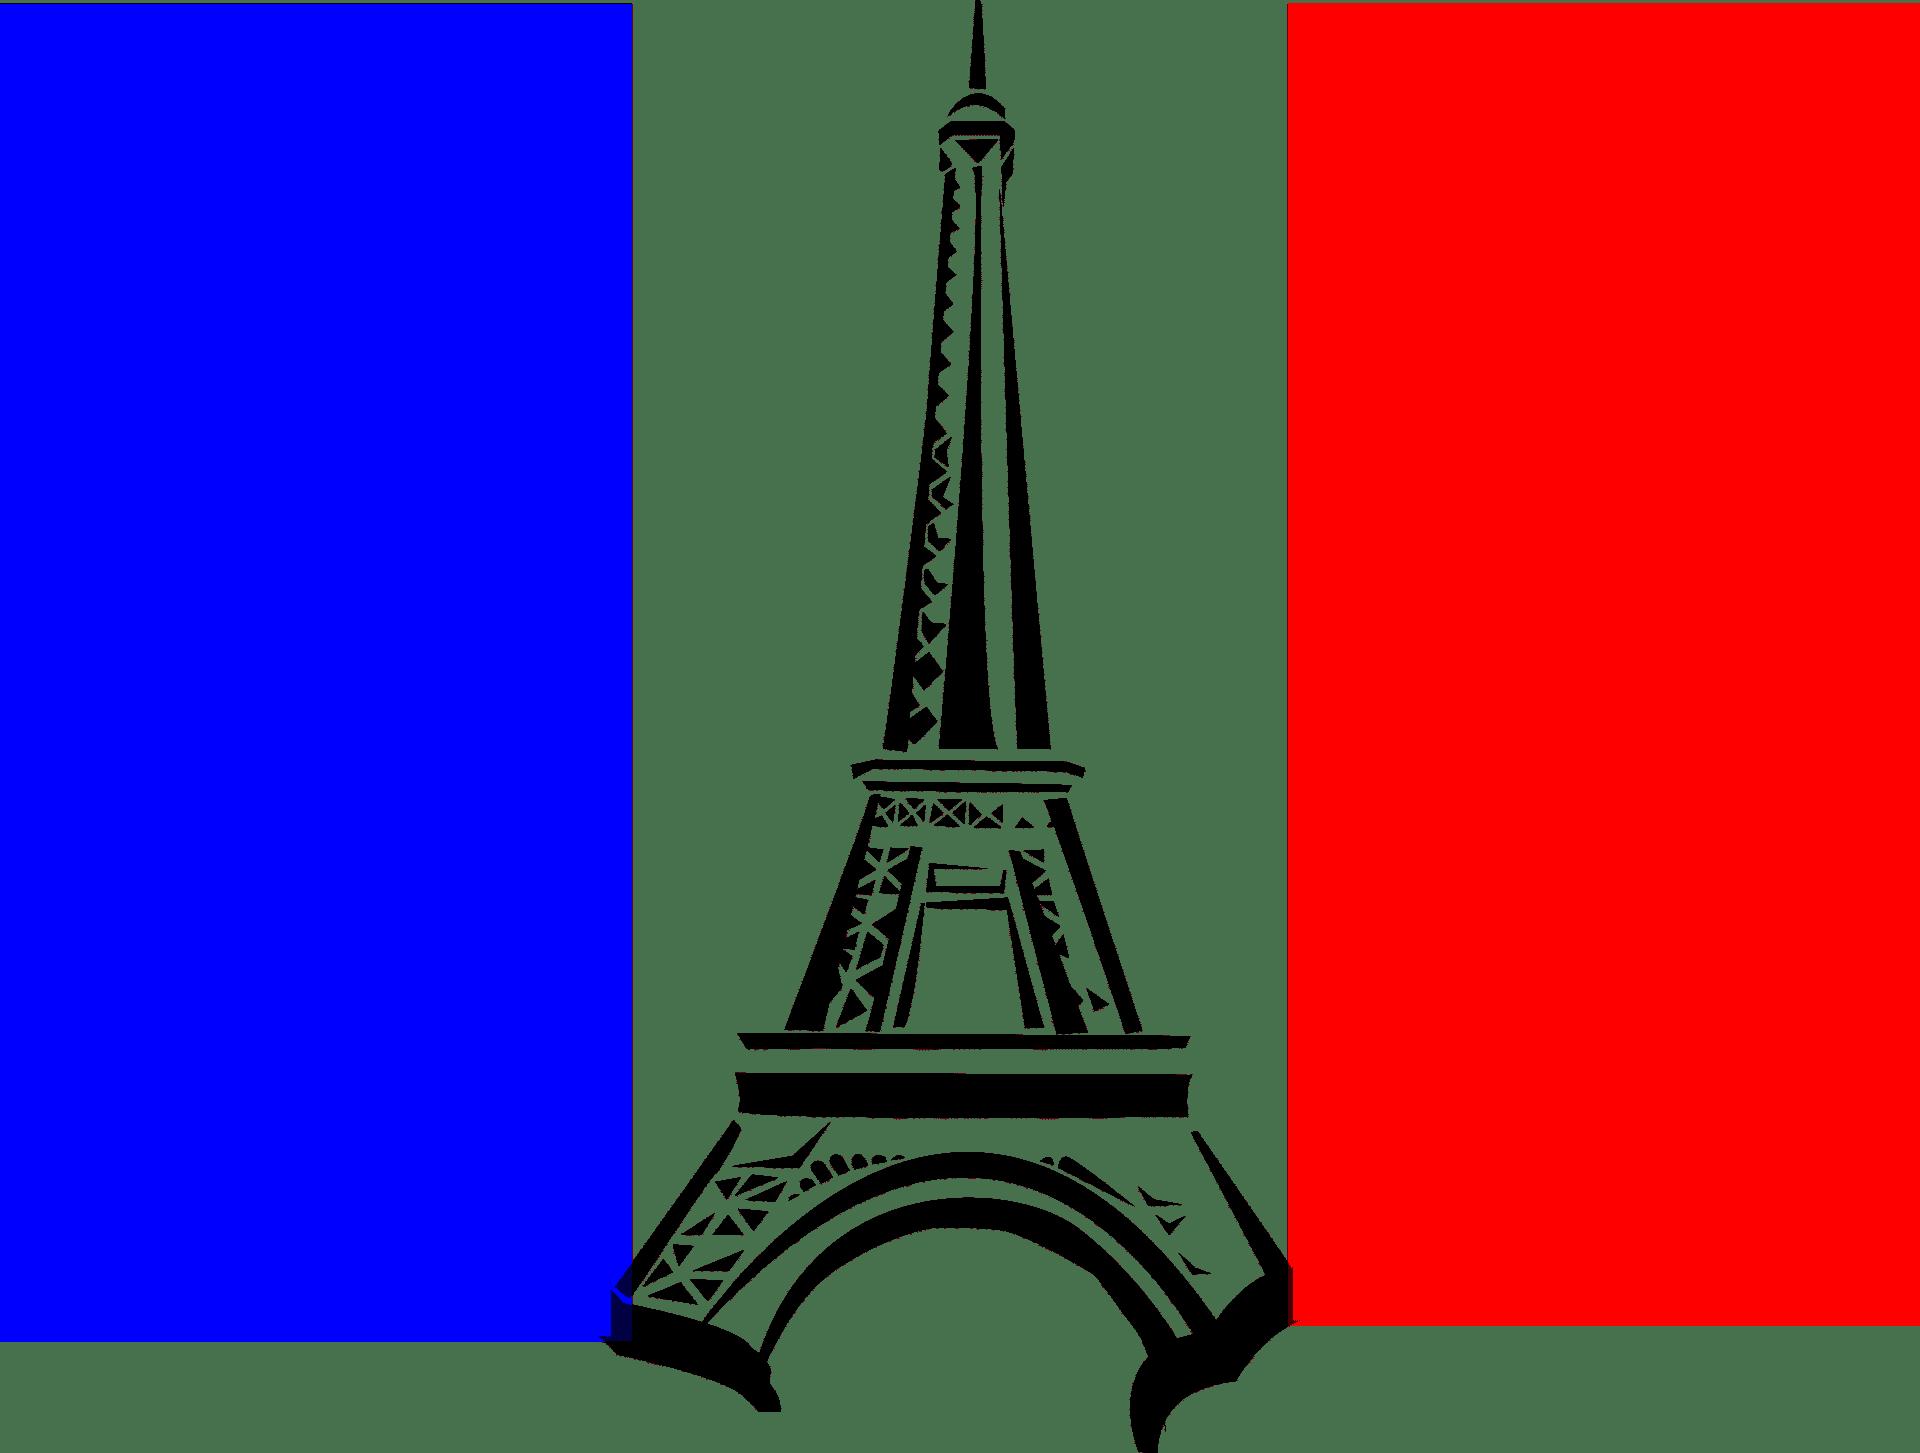 Le guide des meilleures ressources pour apprendre le français